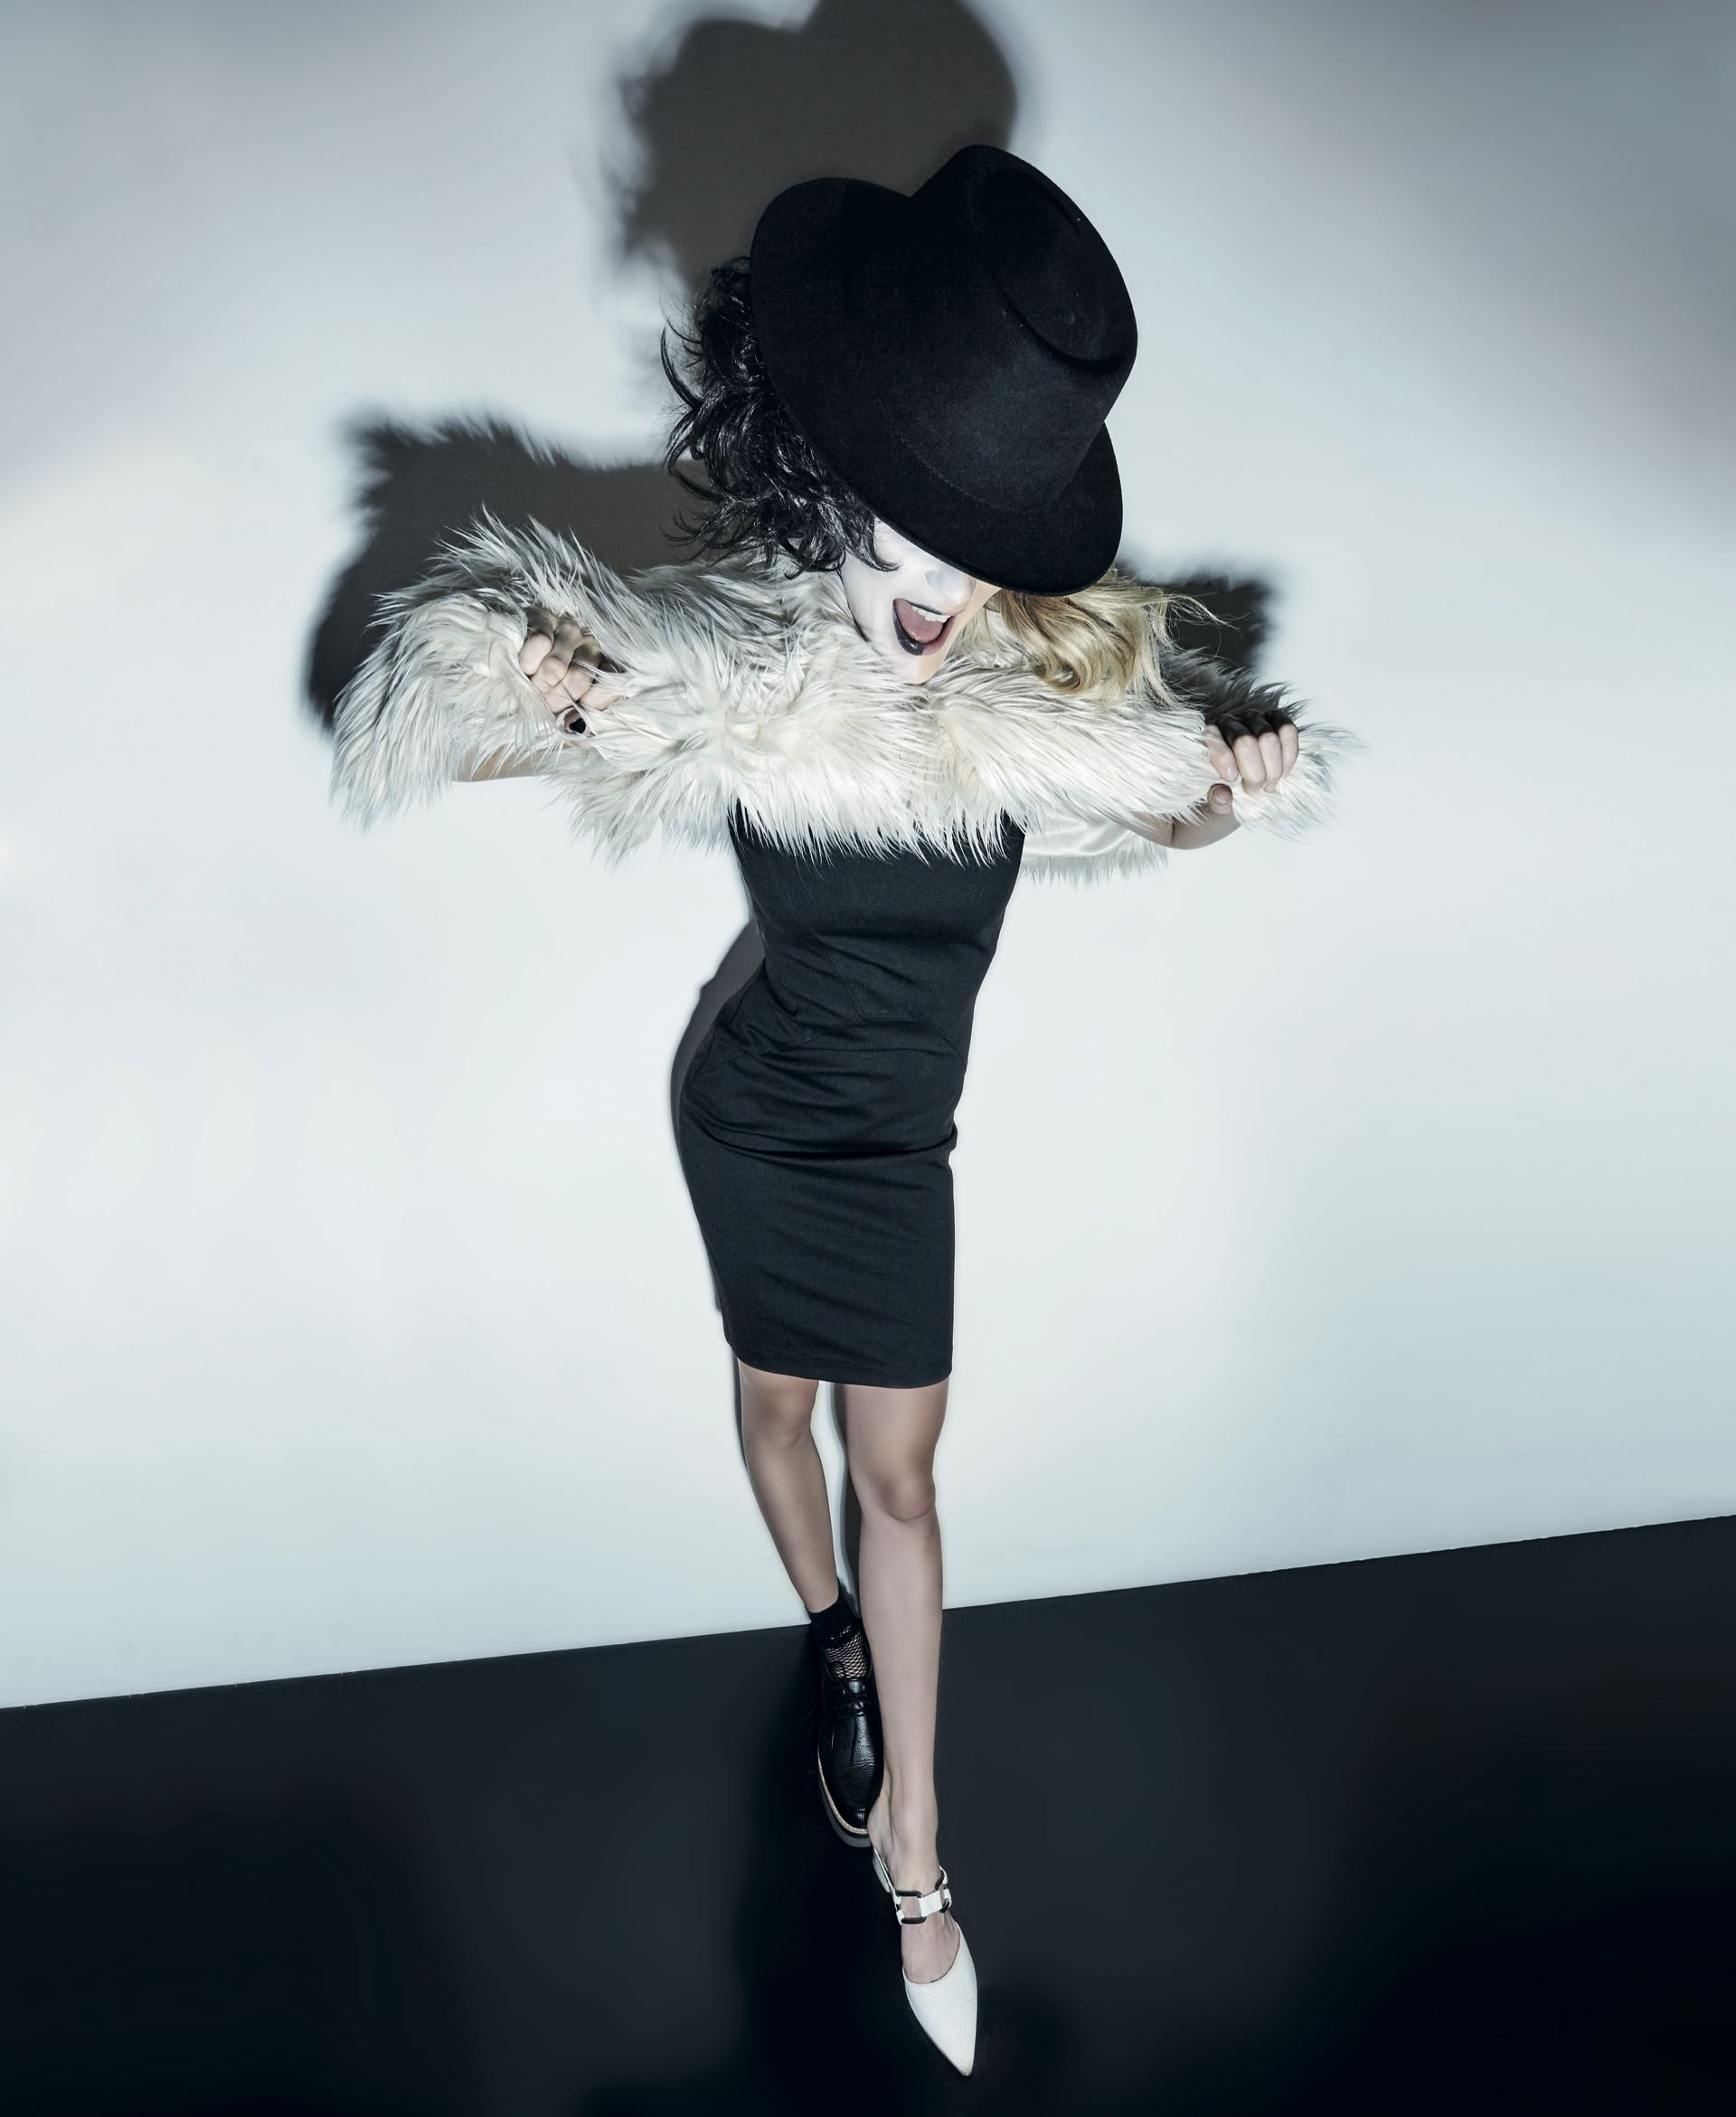 Tapado de pelo ($ 6.239, Melocotón), vestido al cuerpo con cierre en la espalda ($ 3.686, Calvin Klein), acordonado de cuero con base de goma ($ 2.700, Viamo) y zueco de cuero grabado con hebilla($ 5.200, Uma).